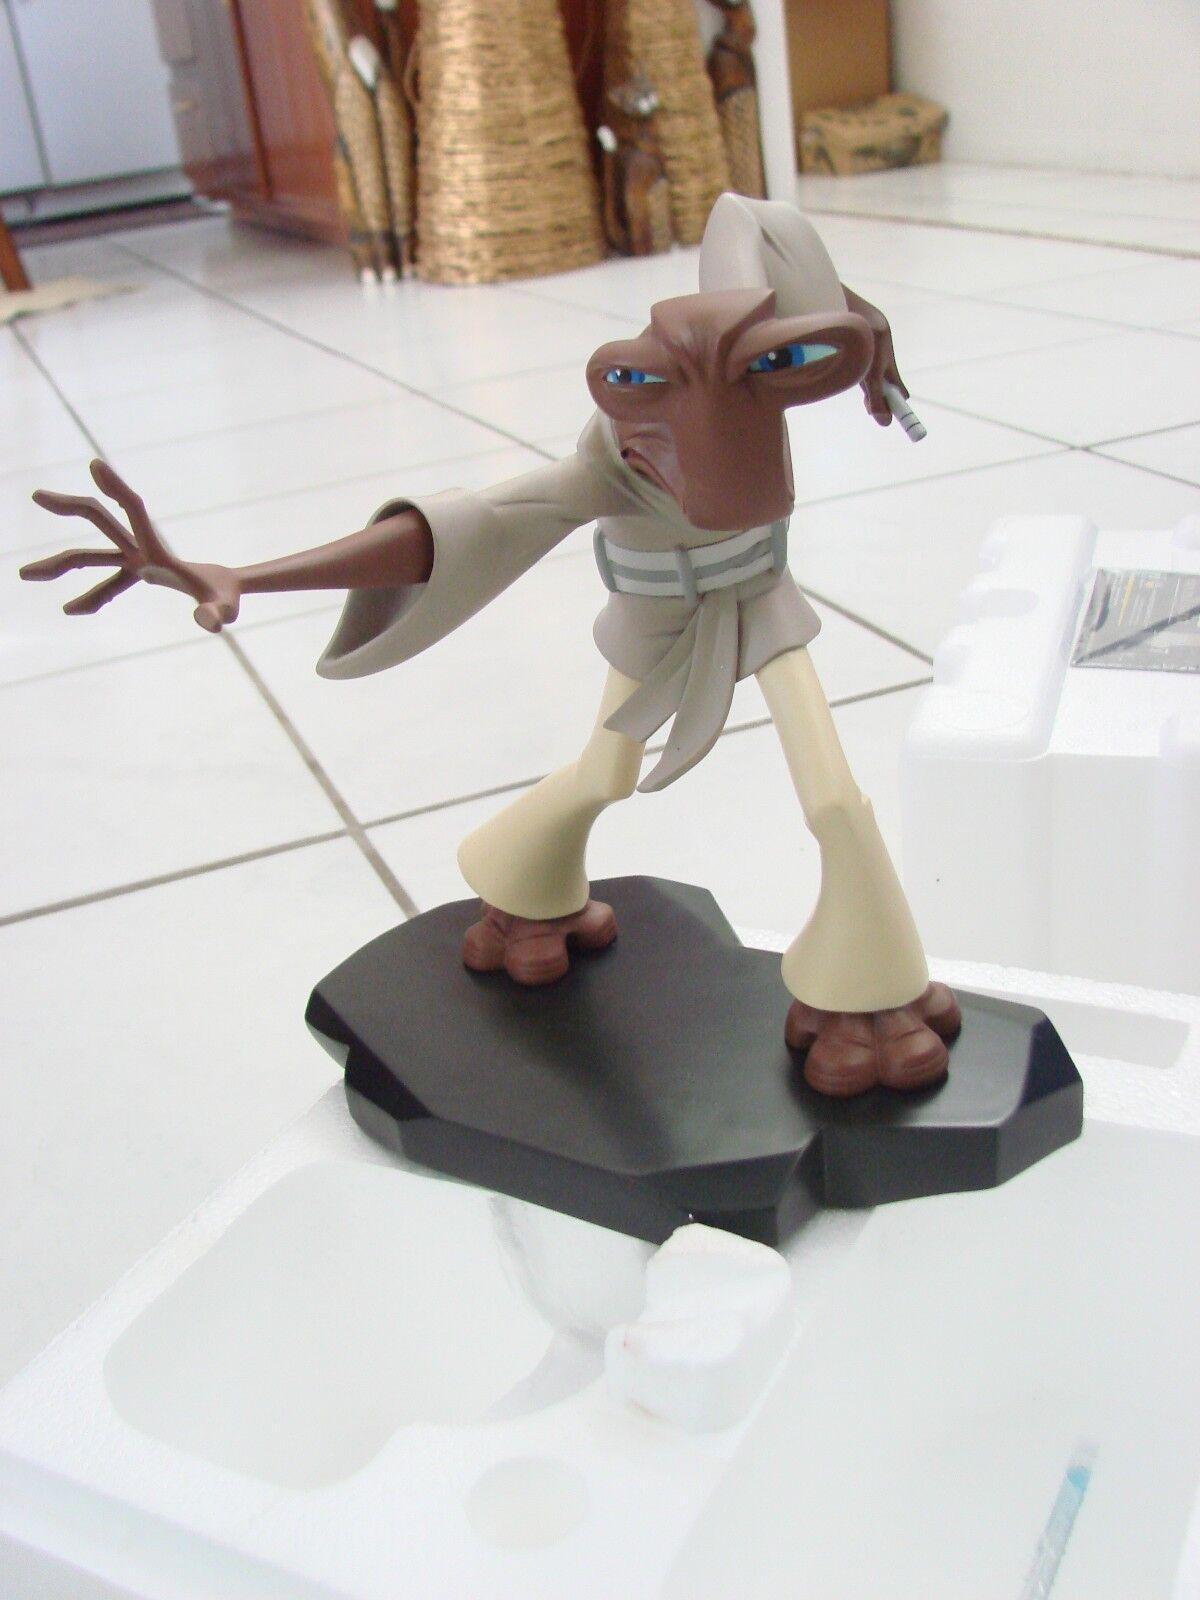 nueva gama alta exclusiva Estrella Wars roronn Corobb animado Estatua Gentle Gentle Gentle Giant 224 2500, 7.5  Nuevo  precios bajos